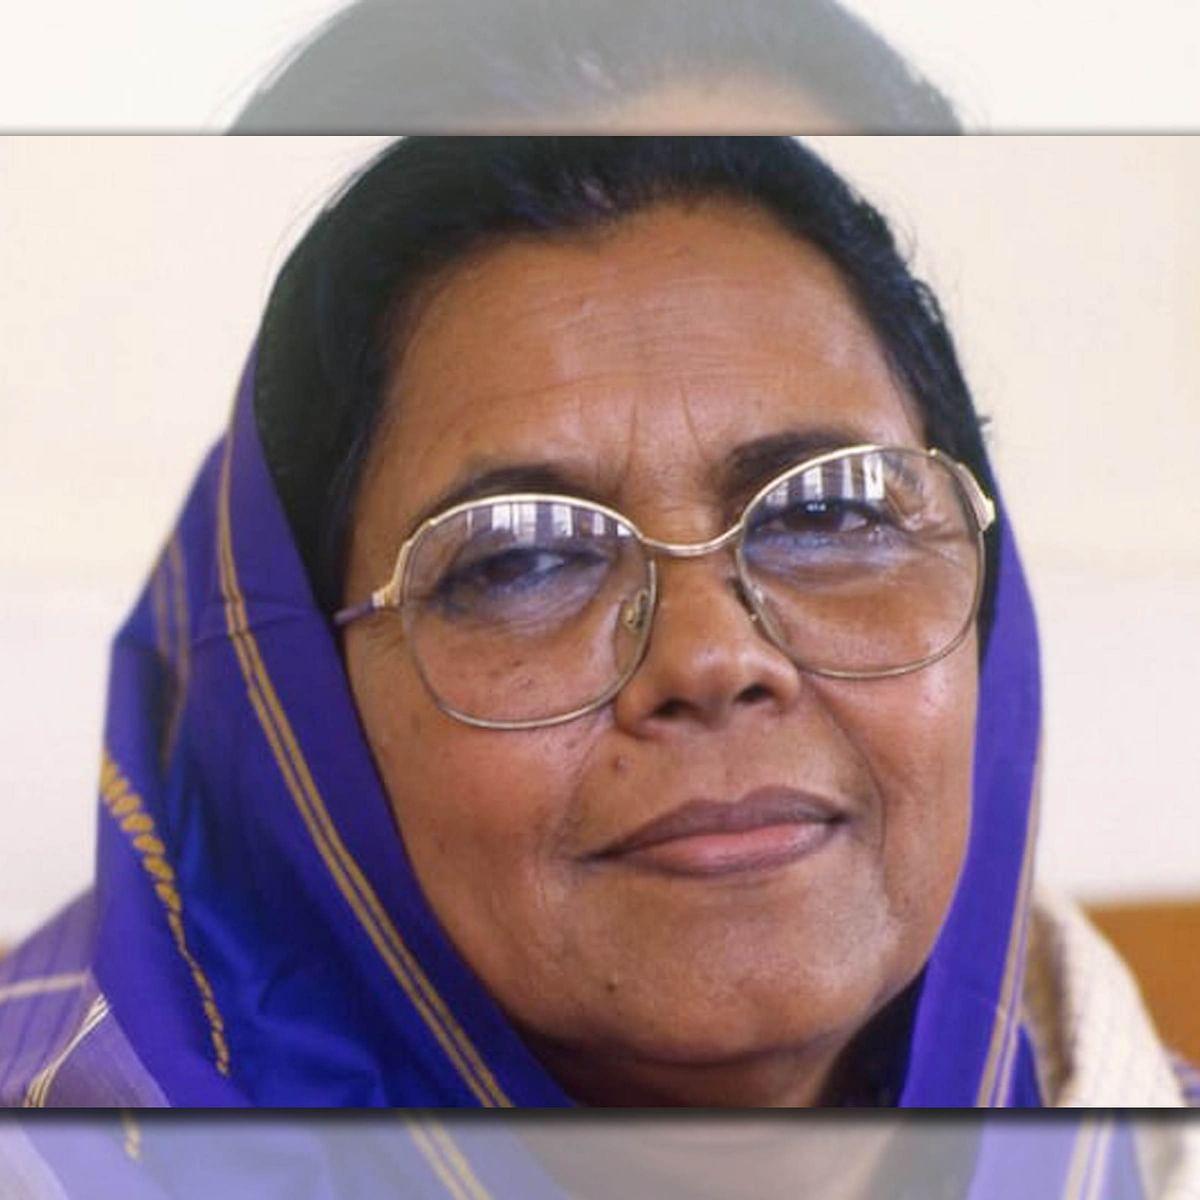 آسام کی واحد خاتون اور مسلم وزیر اعلیٰ سیدہ انورہ تیمور کا انتقال